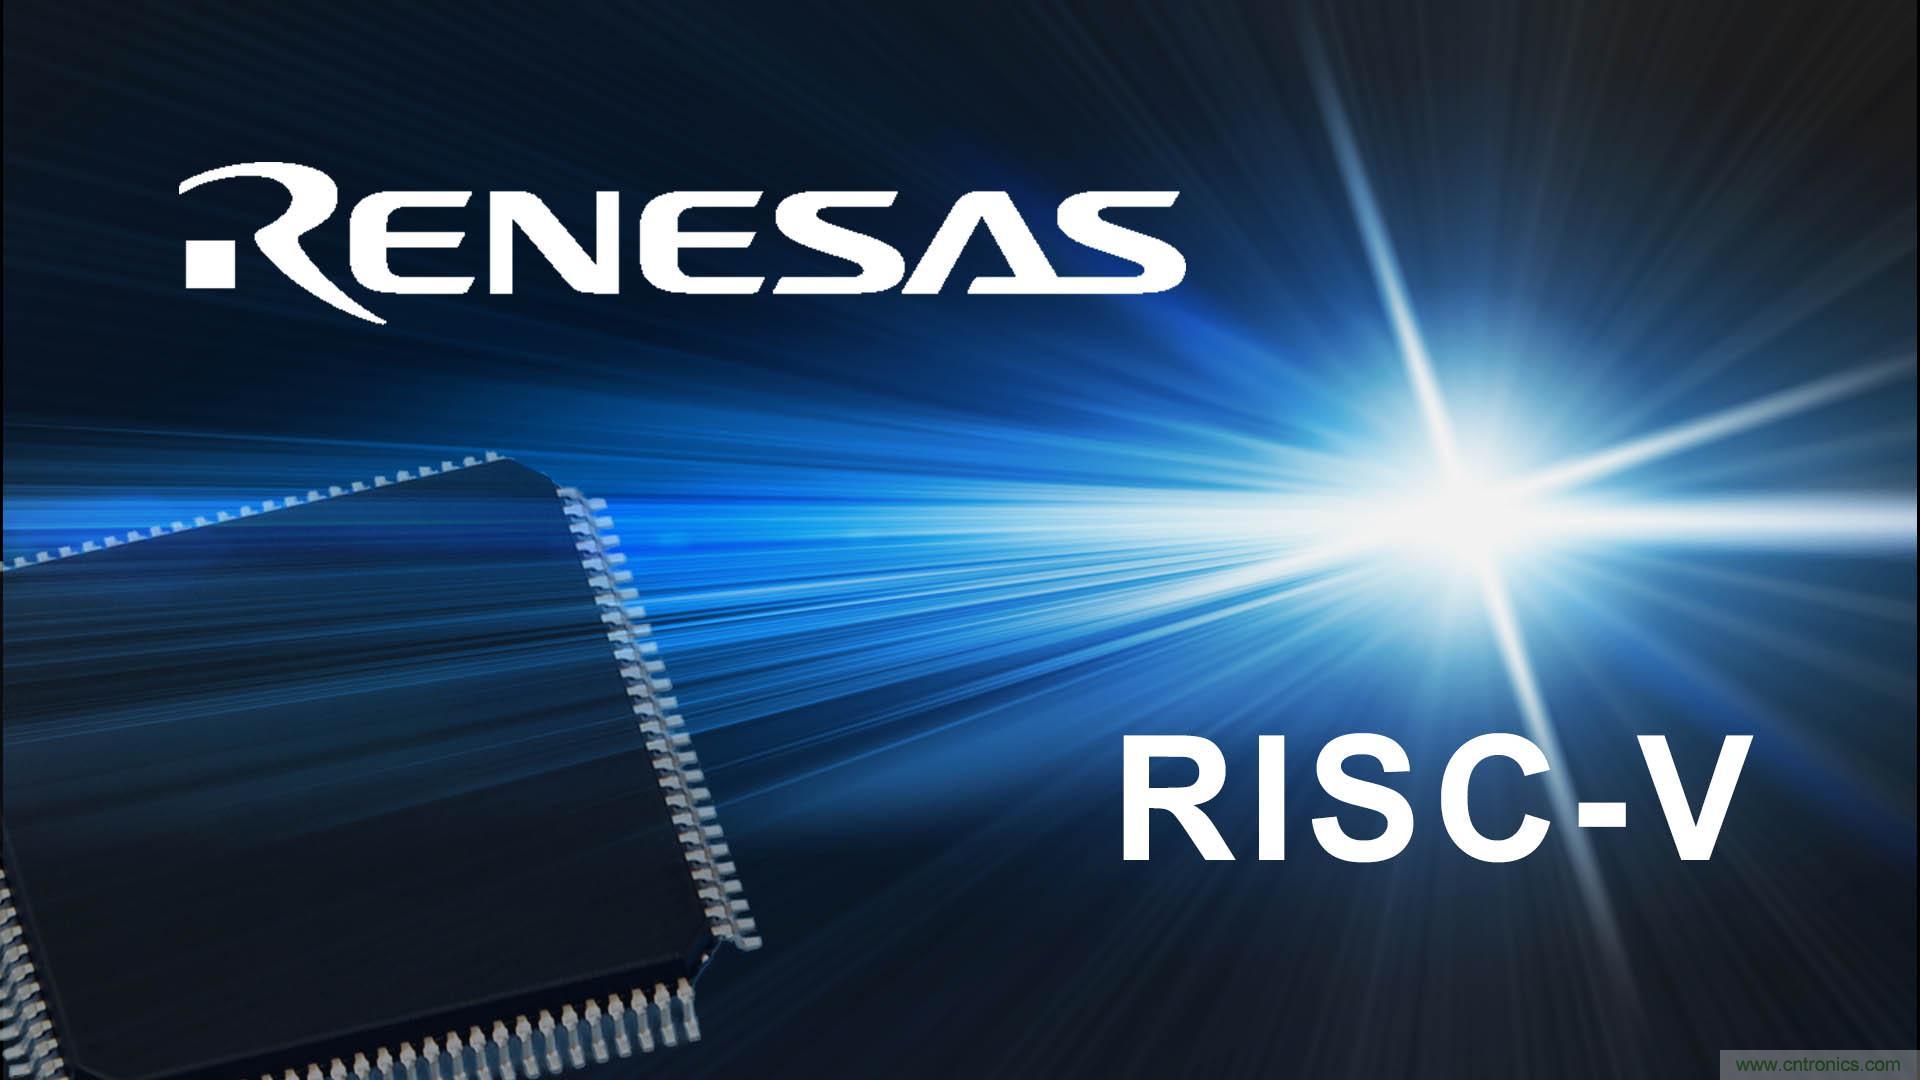 瑞萨电子采用Andes RISC-V 32位CPU内核,开发其首款RISC-V架构ASSP产品